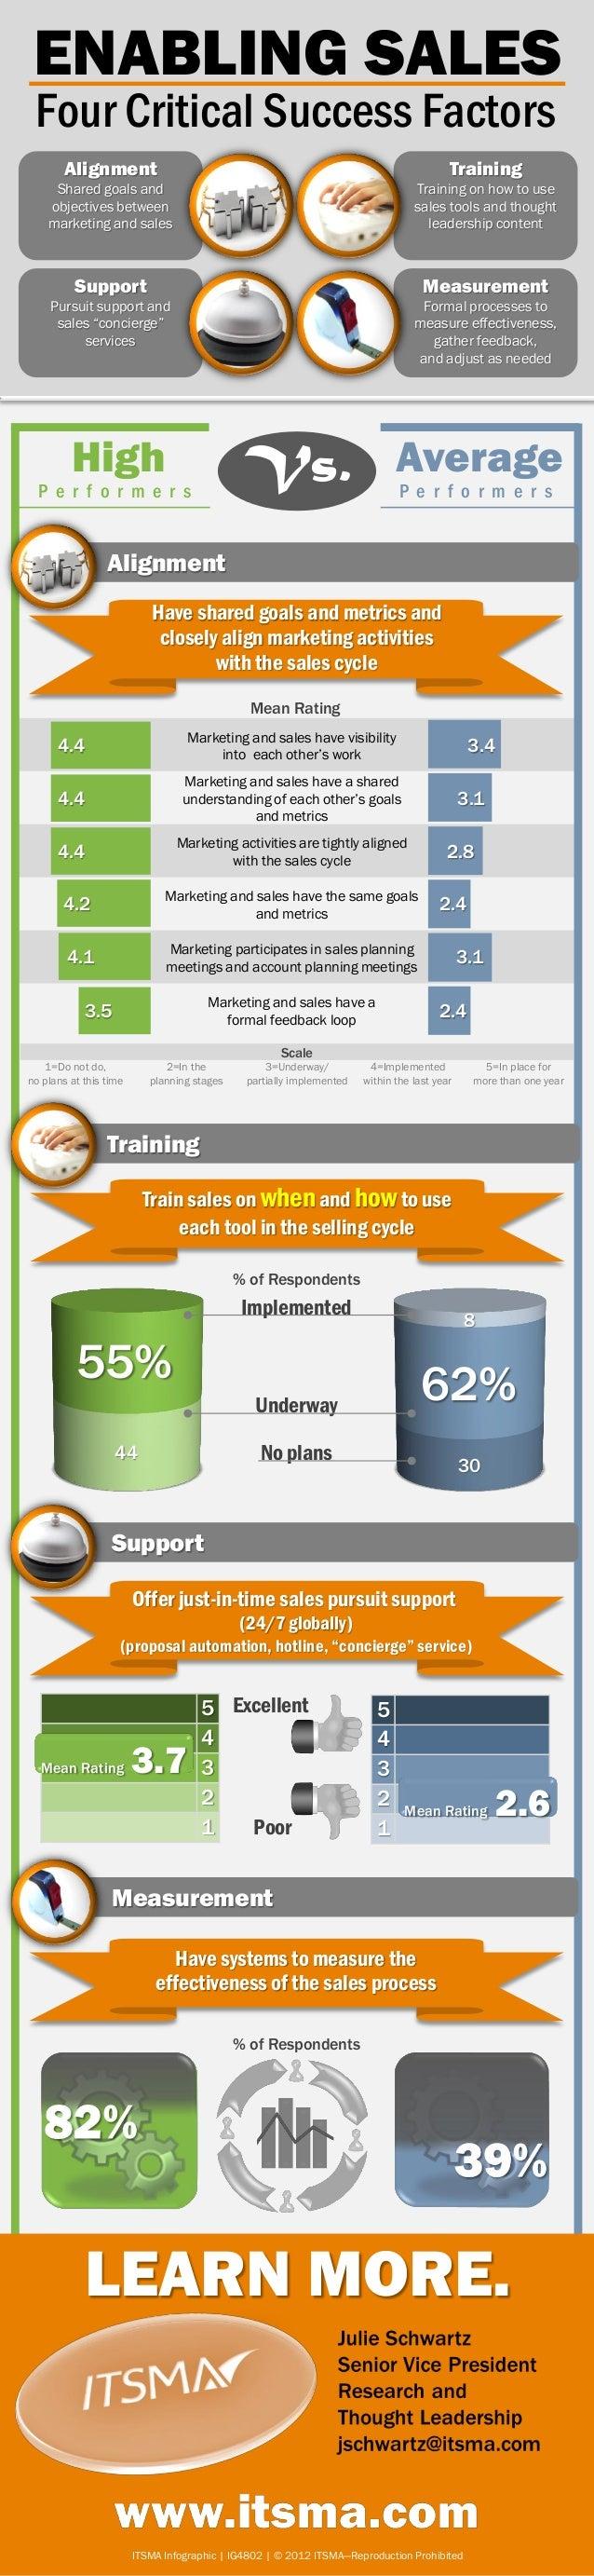 Four Critical Success Factors for Enabling Sales